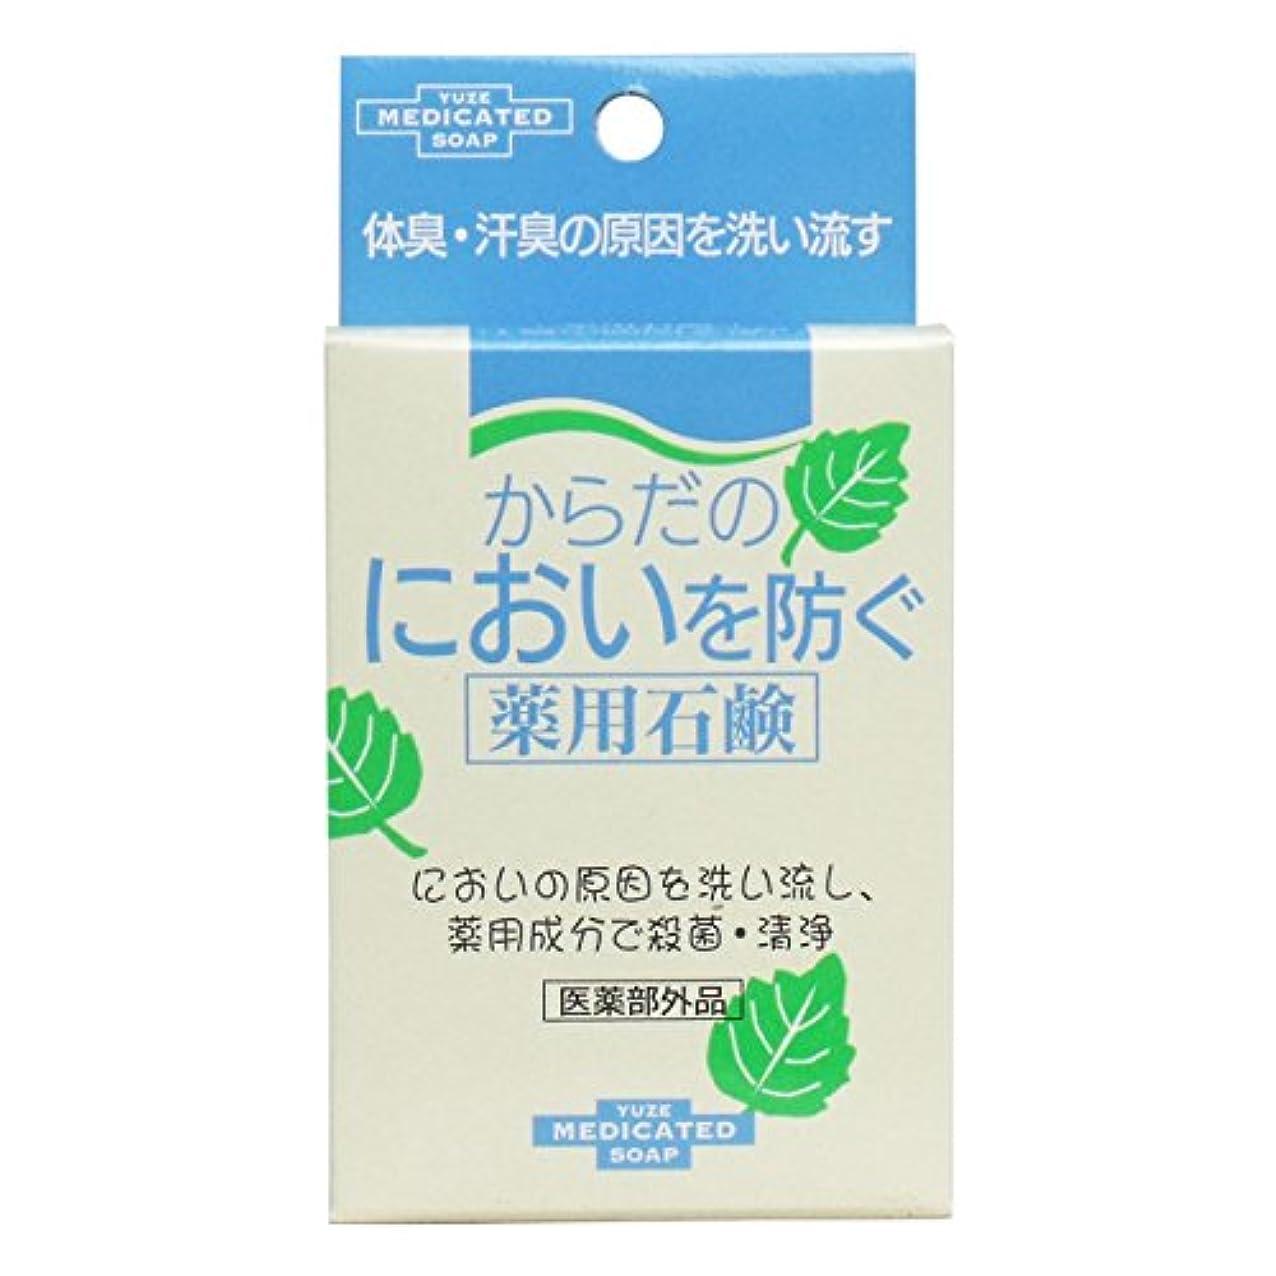 可動式薬理学学んだからだのにおいを防ぐ薬用石鹸 110g ユゼ